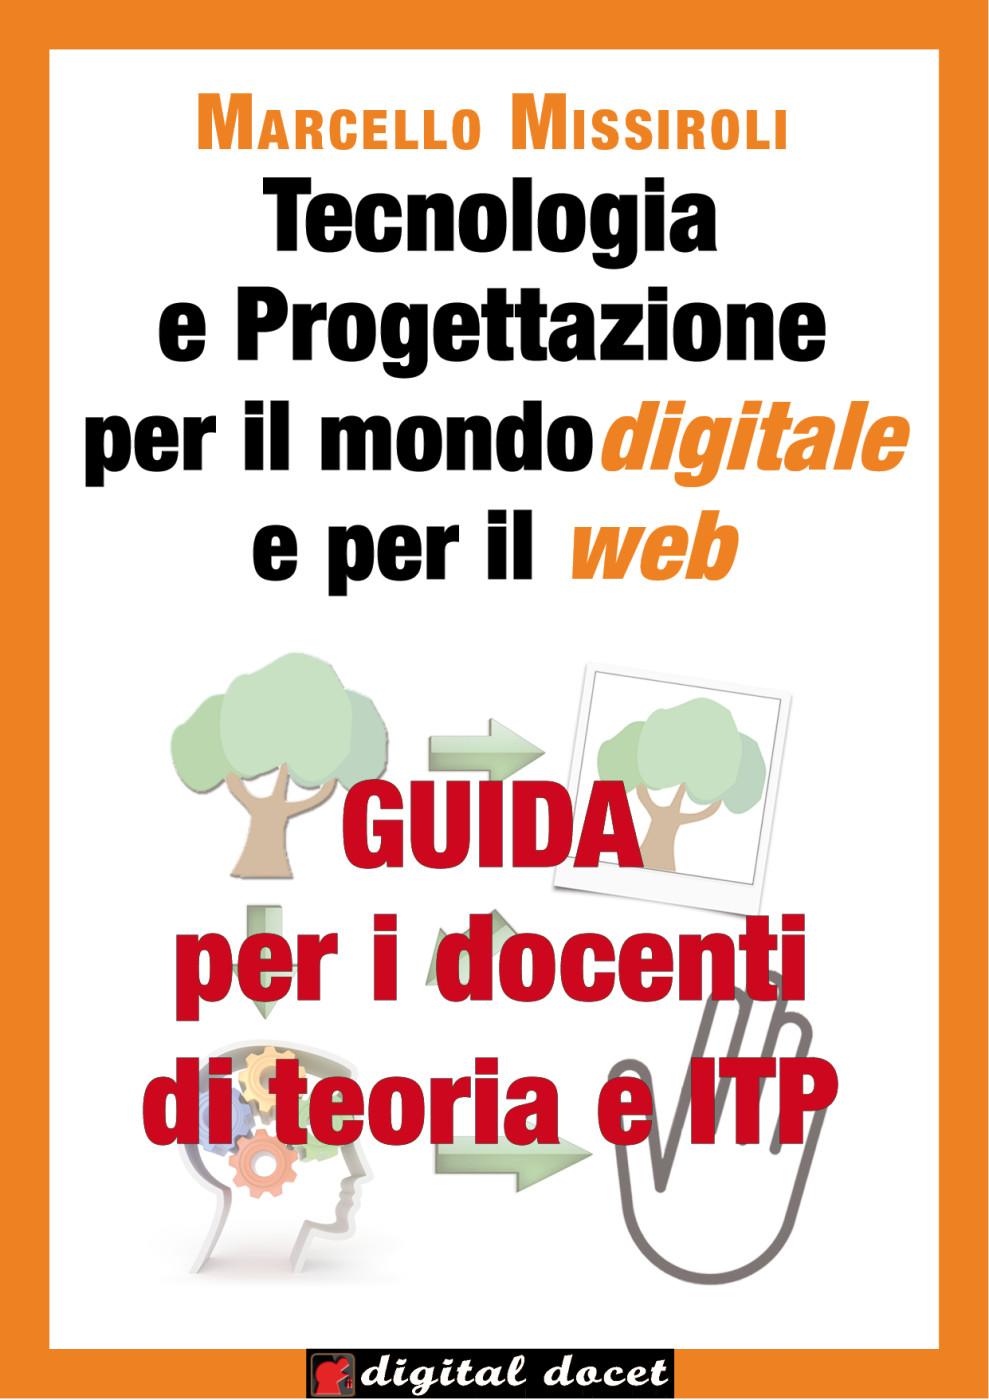 Tecnologia e progettazione per il mondo digitale e per il web